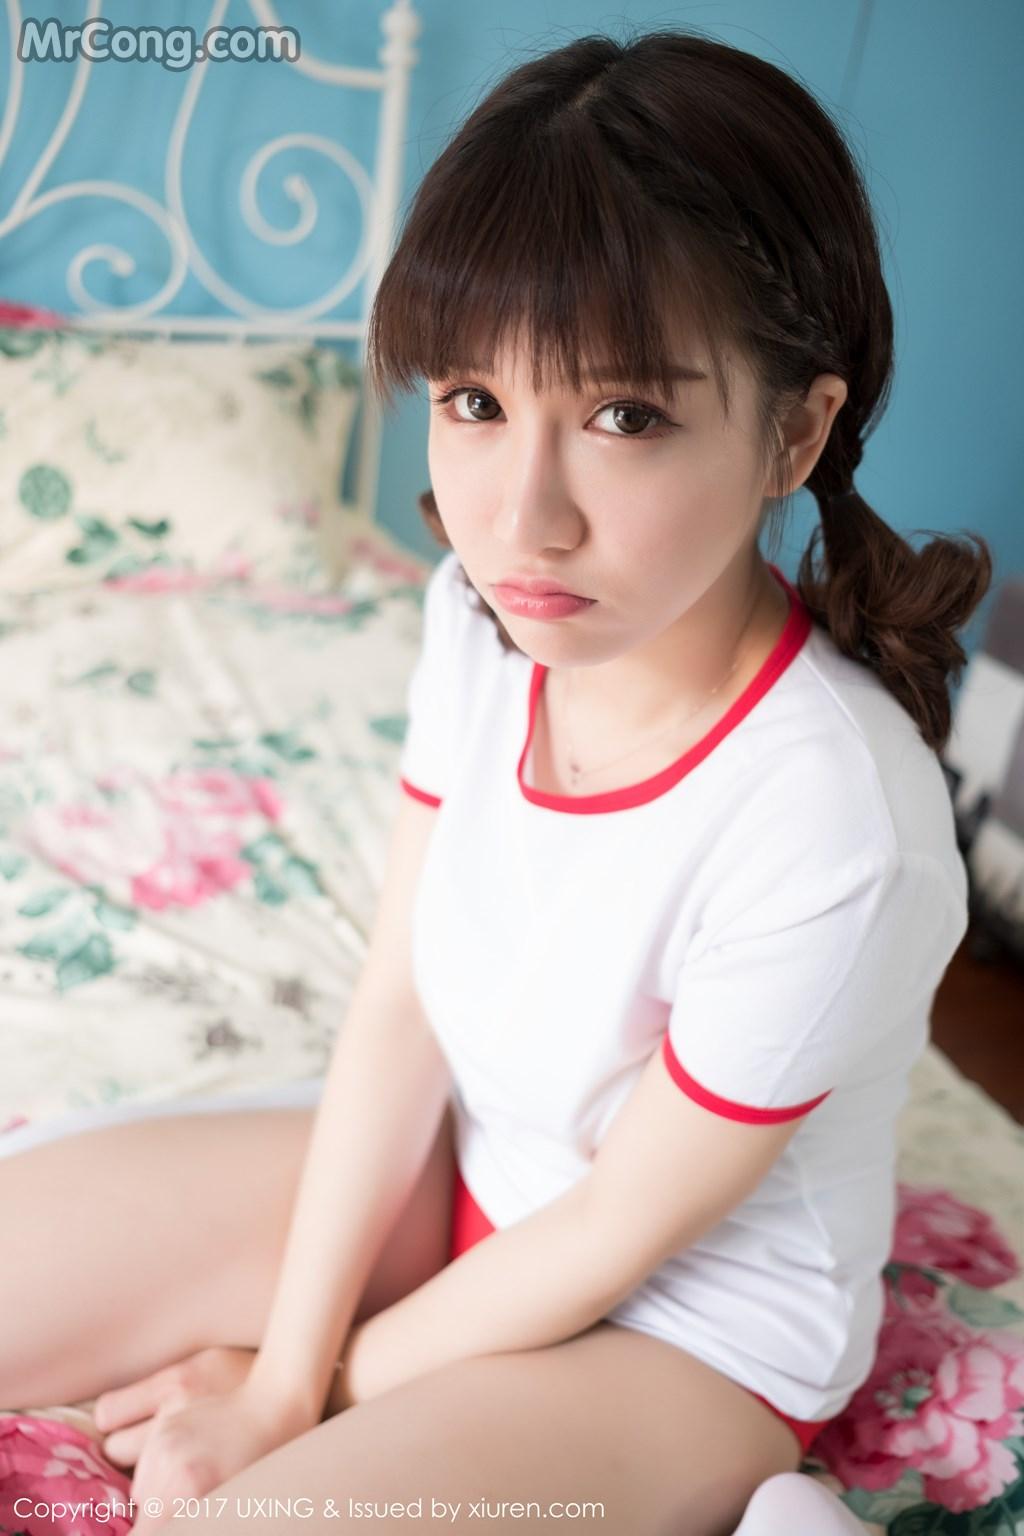 Image UXING-Vol.040-Aojiao-Meng-Meng-MrCong.com-008 in post UXING Vol.040: Người mẫu Aojiao Meng Meng (K8傲娇萌萌Vivian) (61 ảnh)